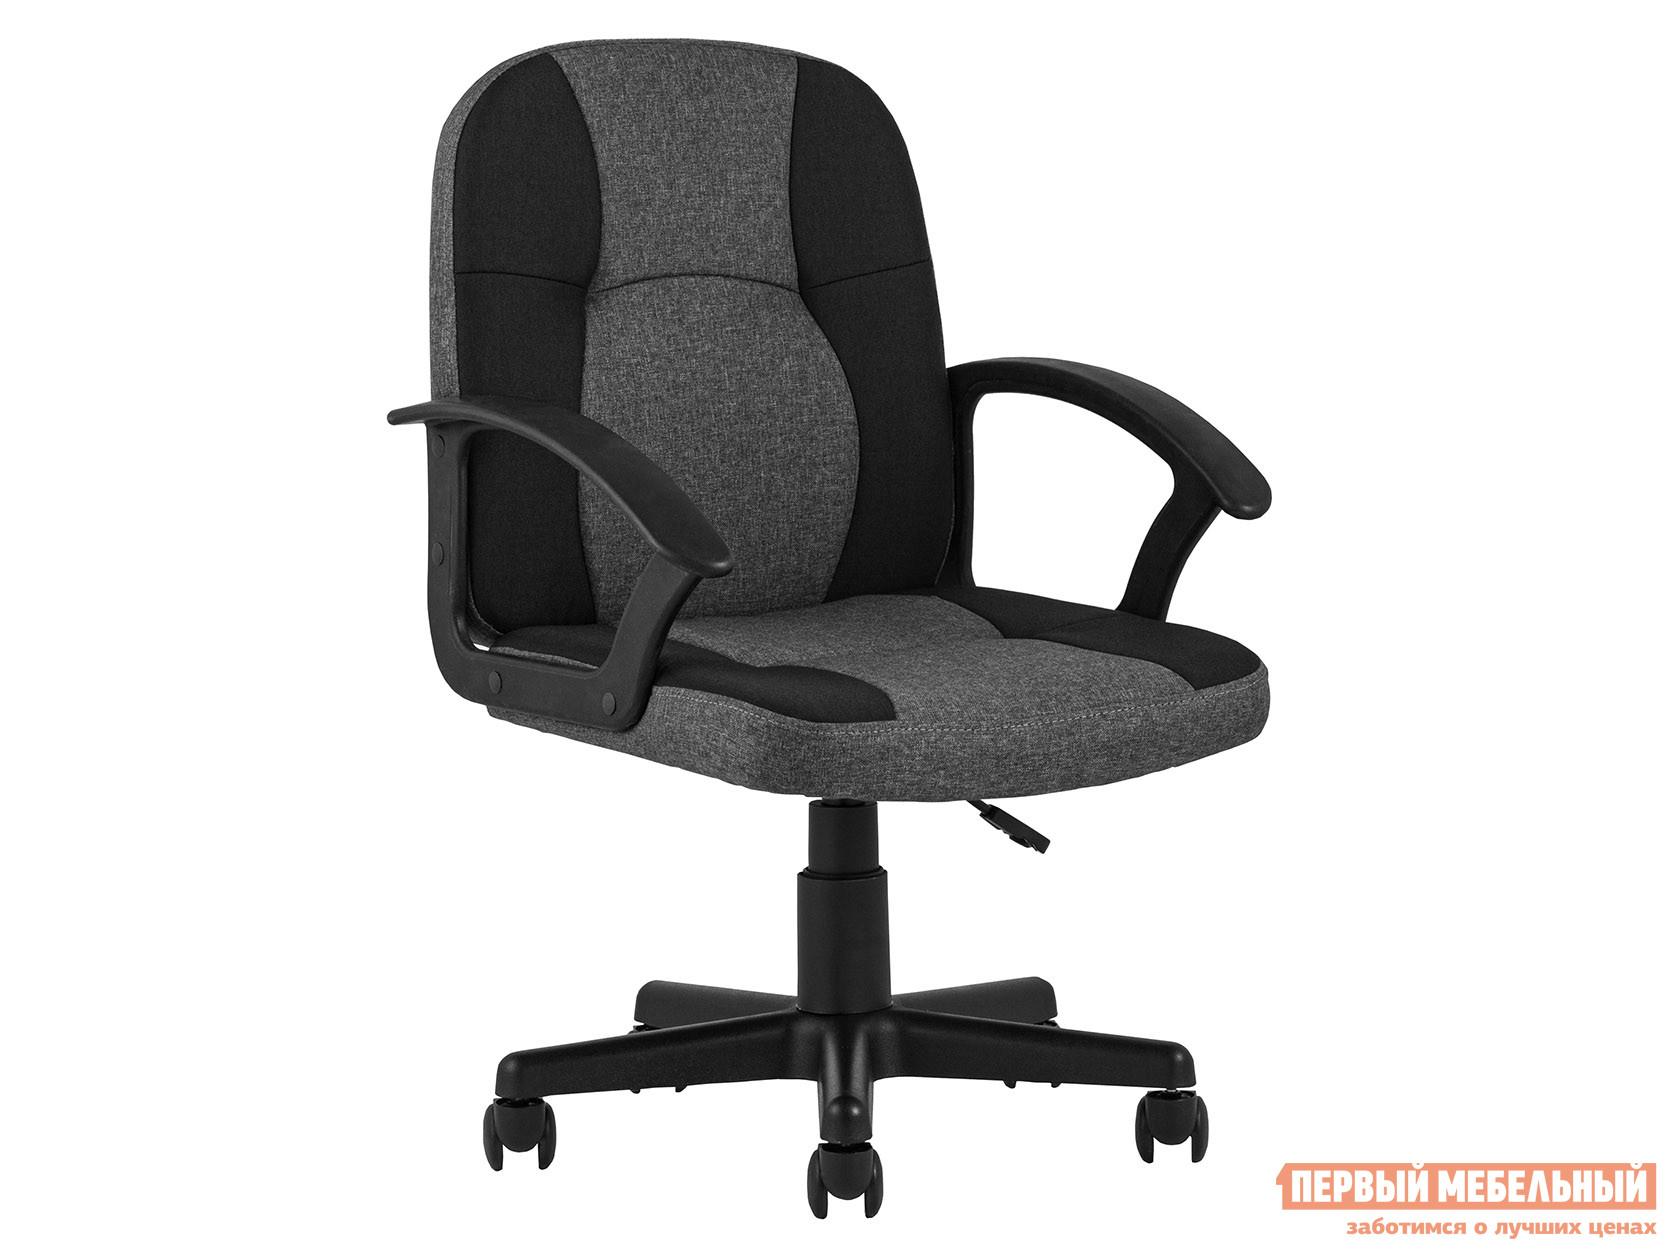 Офисное кресло Stool Group КреслоофисноеTopChairsComfort